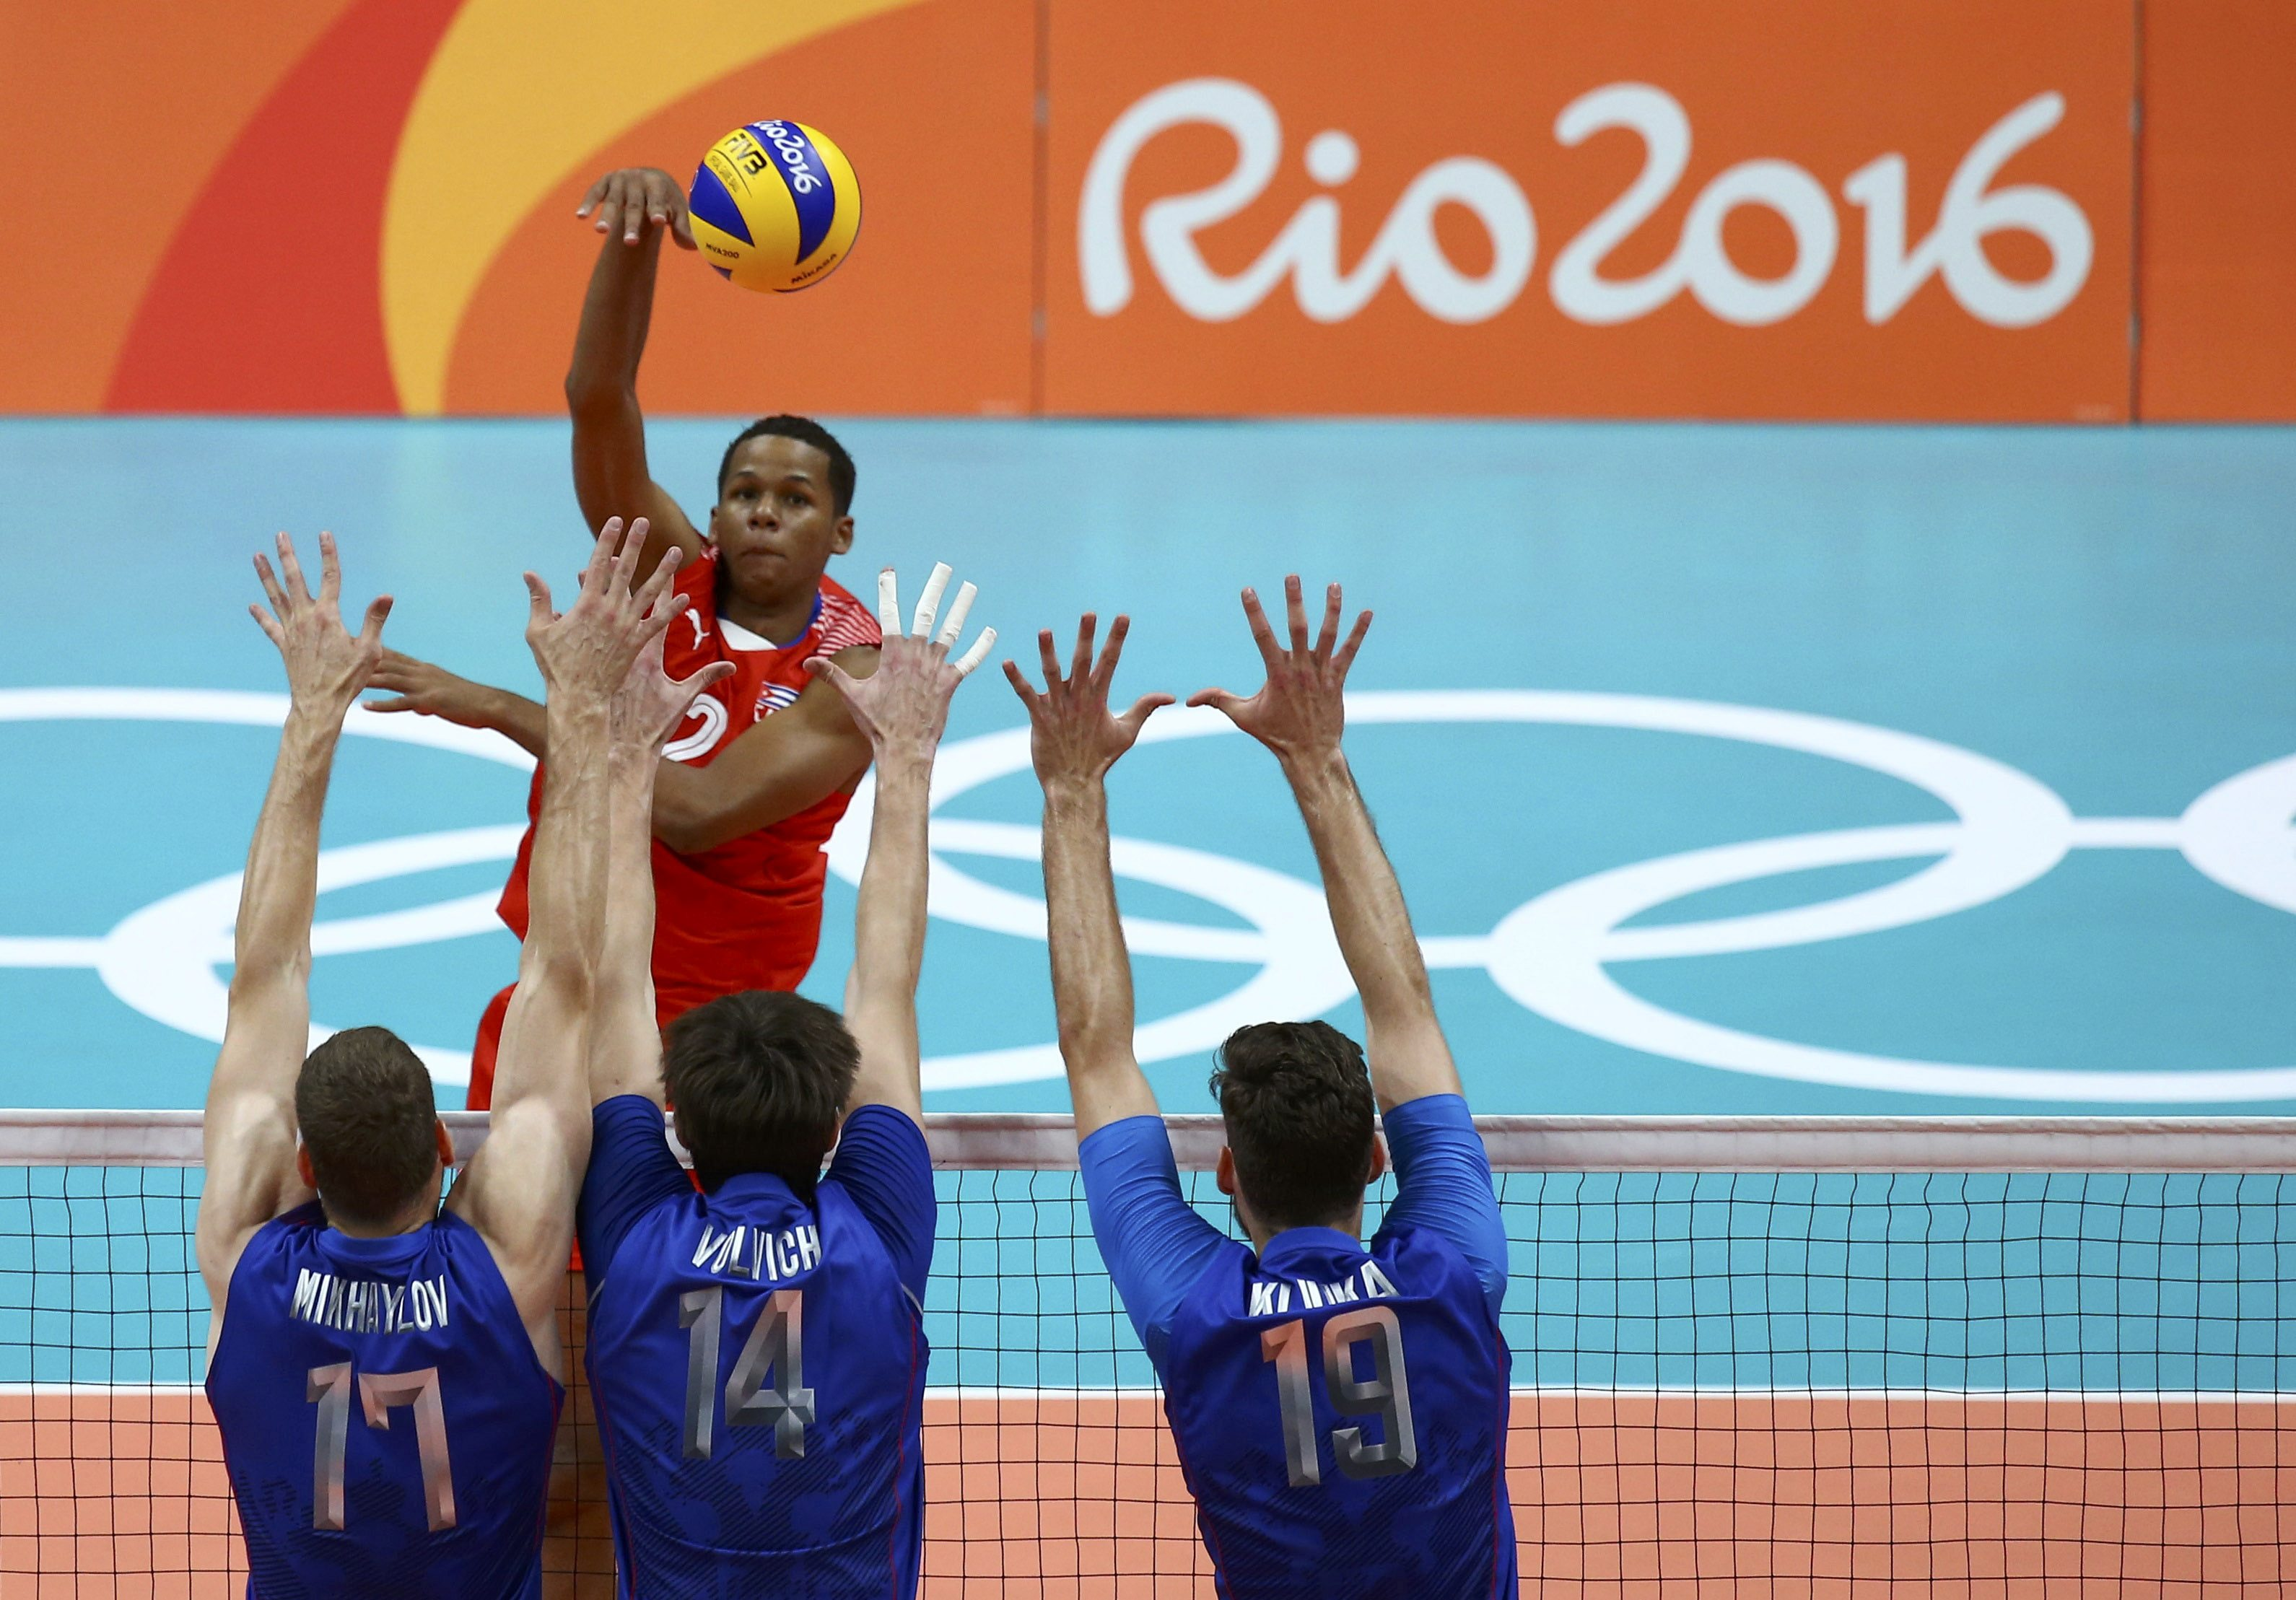 Олимпиада волейбол мужчины 20 фотография